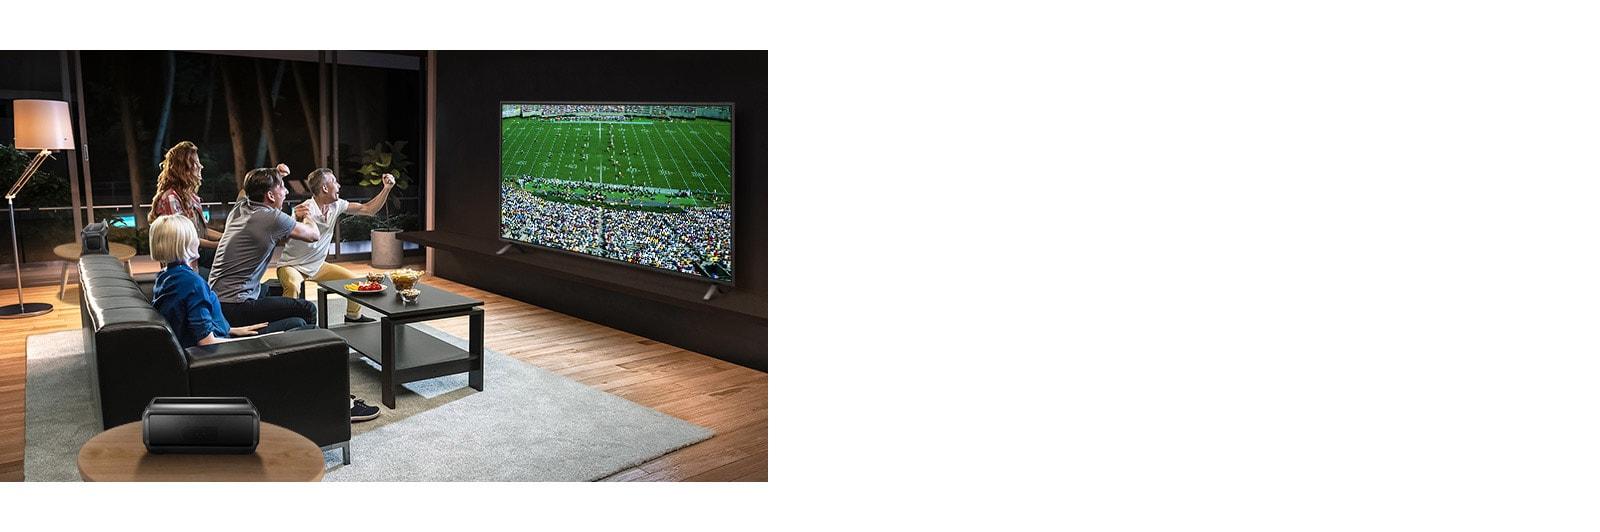 Mọi người xem các trò chơi thể thao trên TV trong phòng khách với loa Bluetooth phía sau.